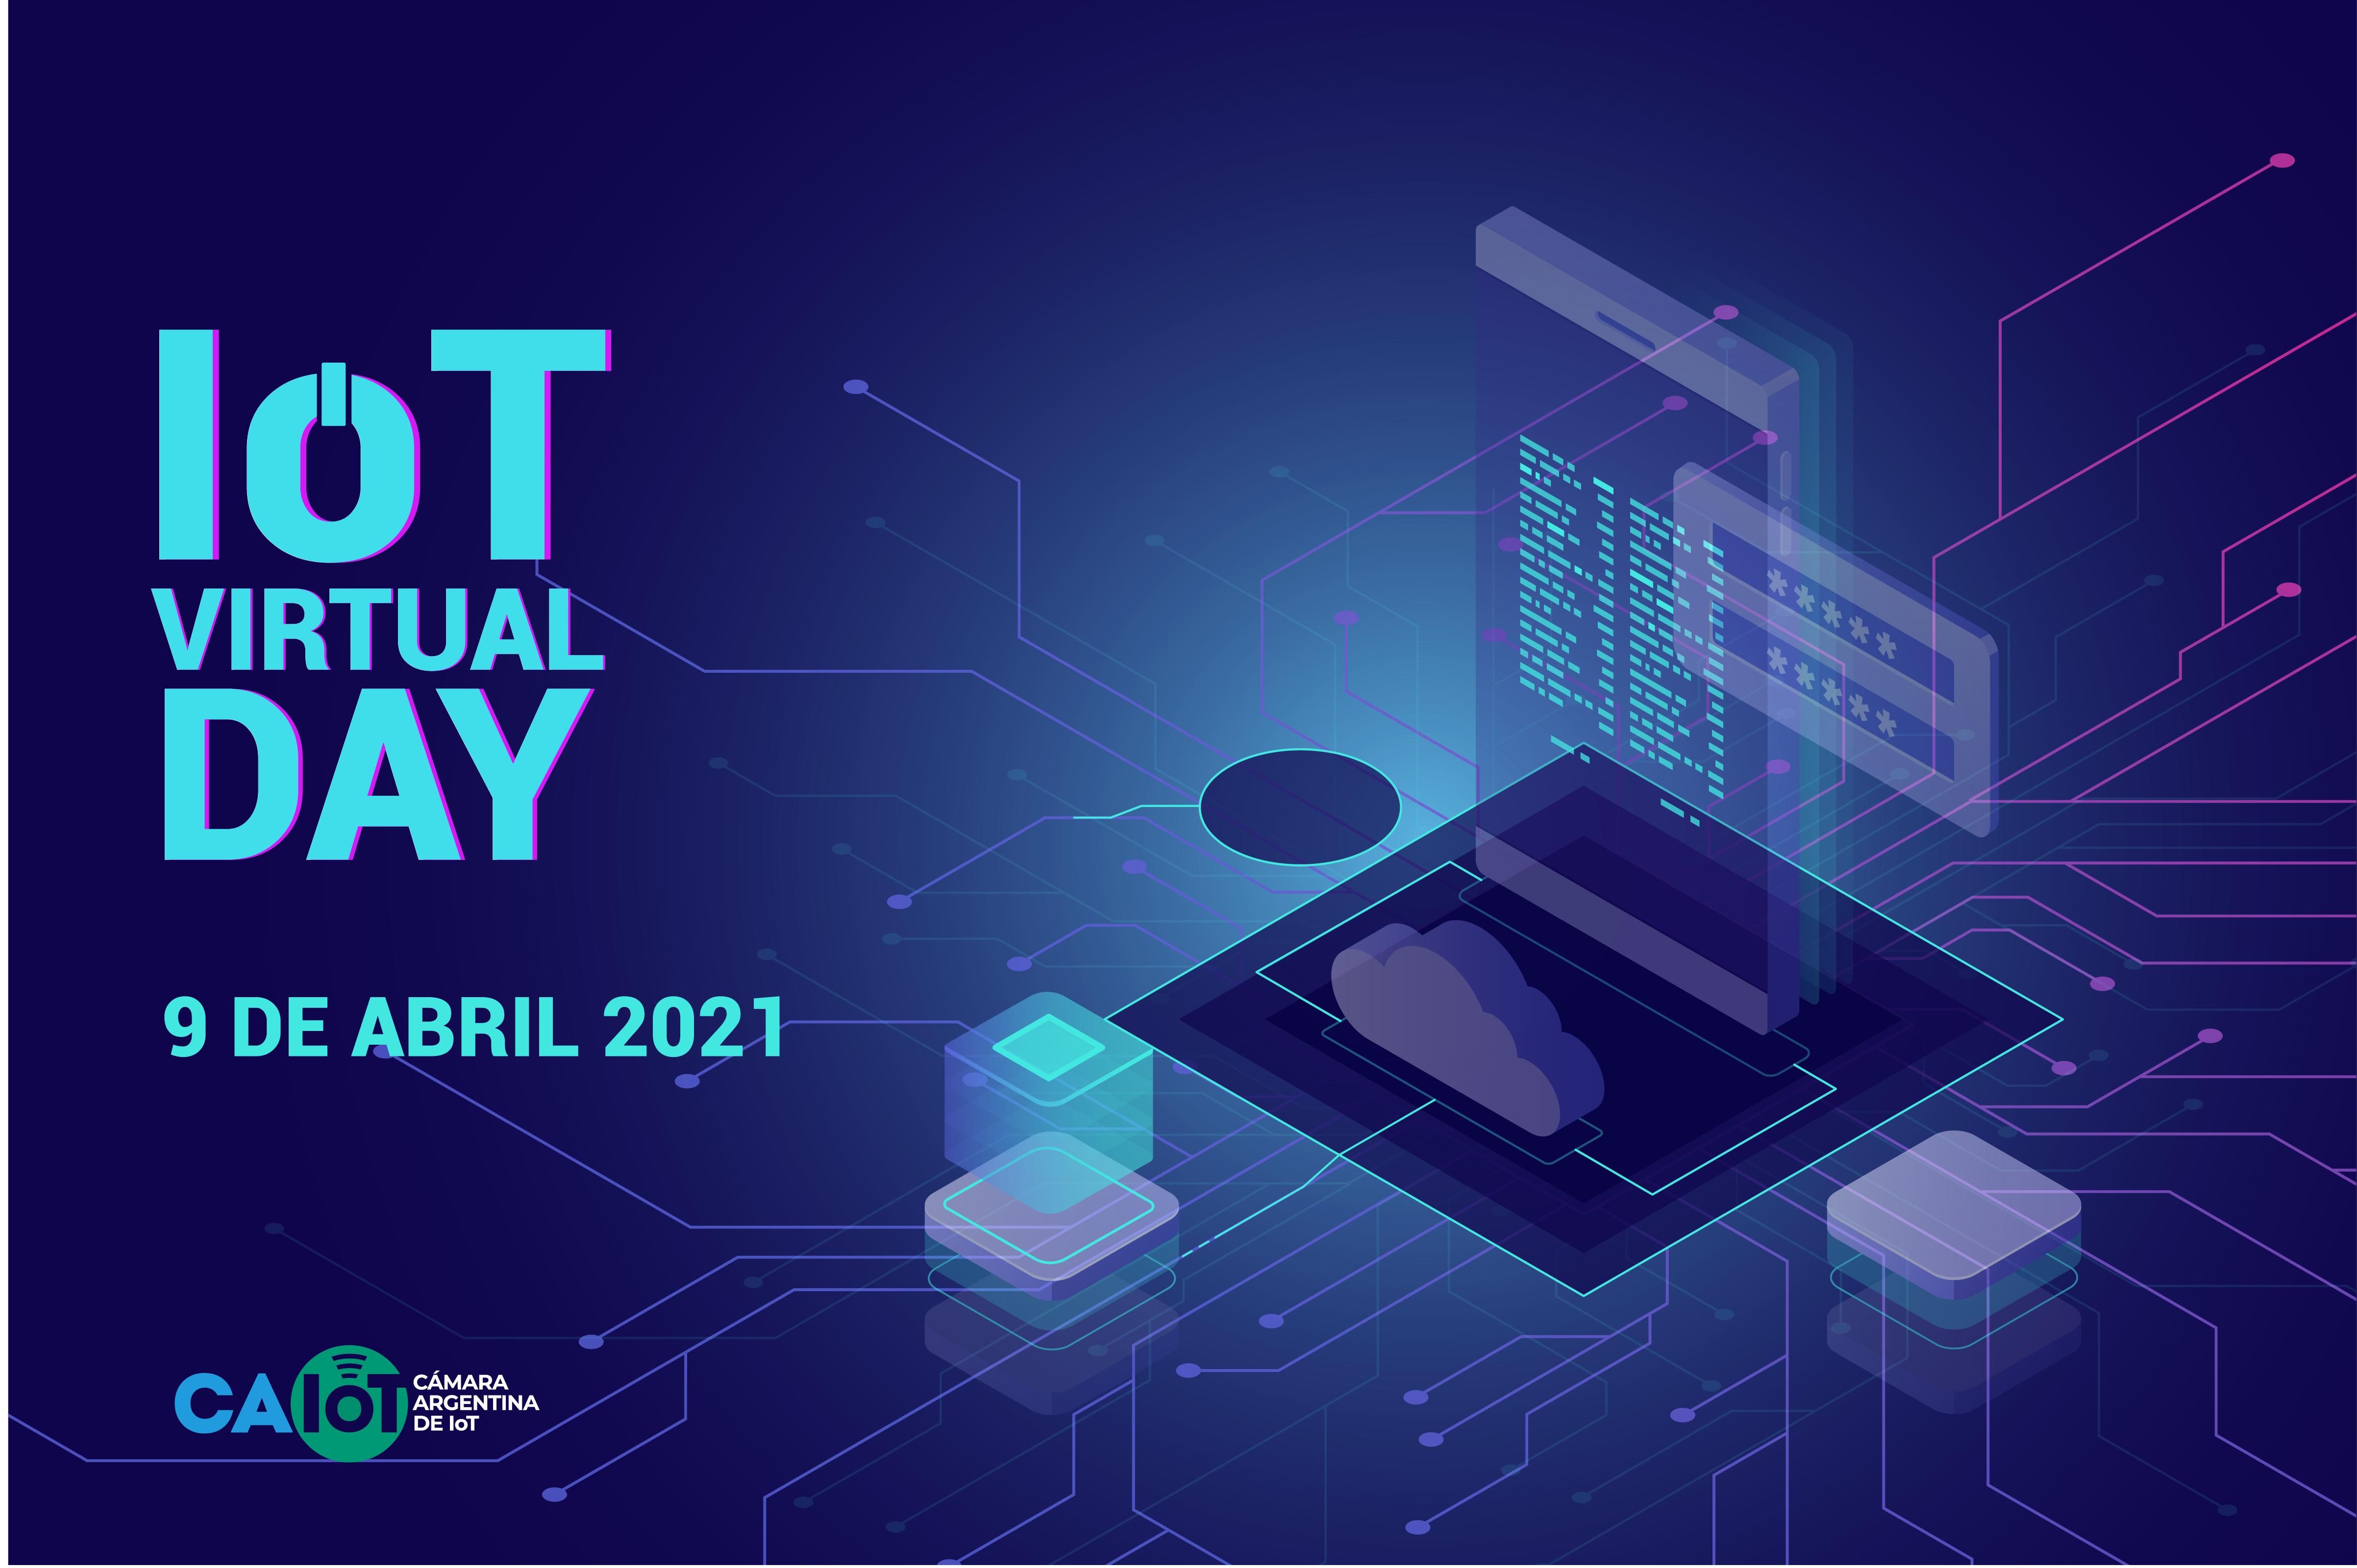 """El """"IoT Virtual Day"""" congregará en Abril a la comunidad de Internet de las Cosas"""